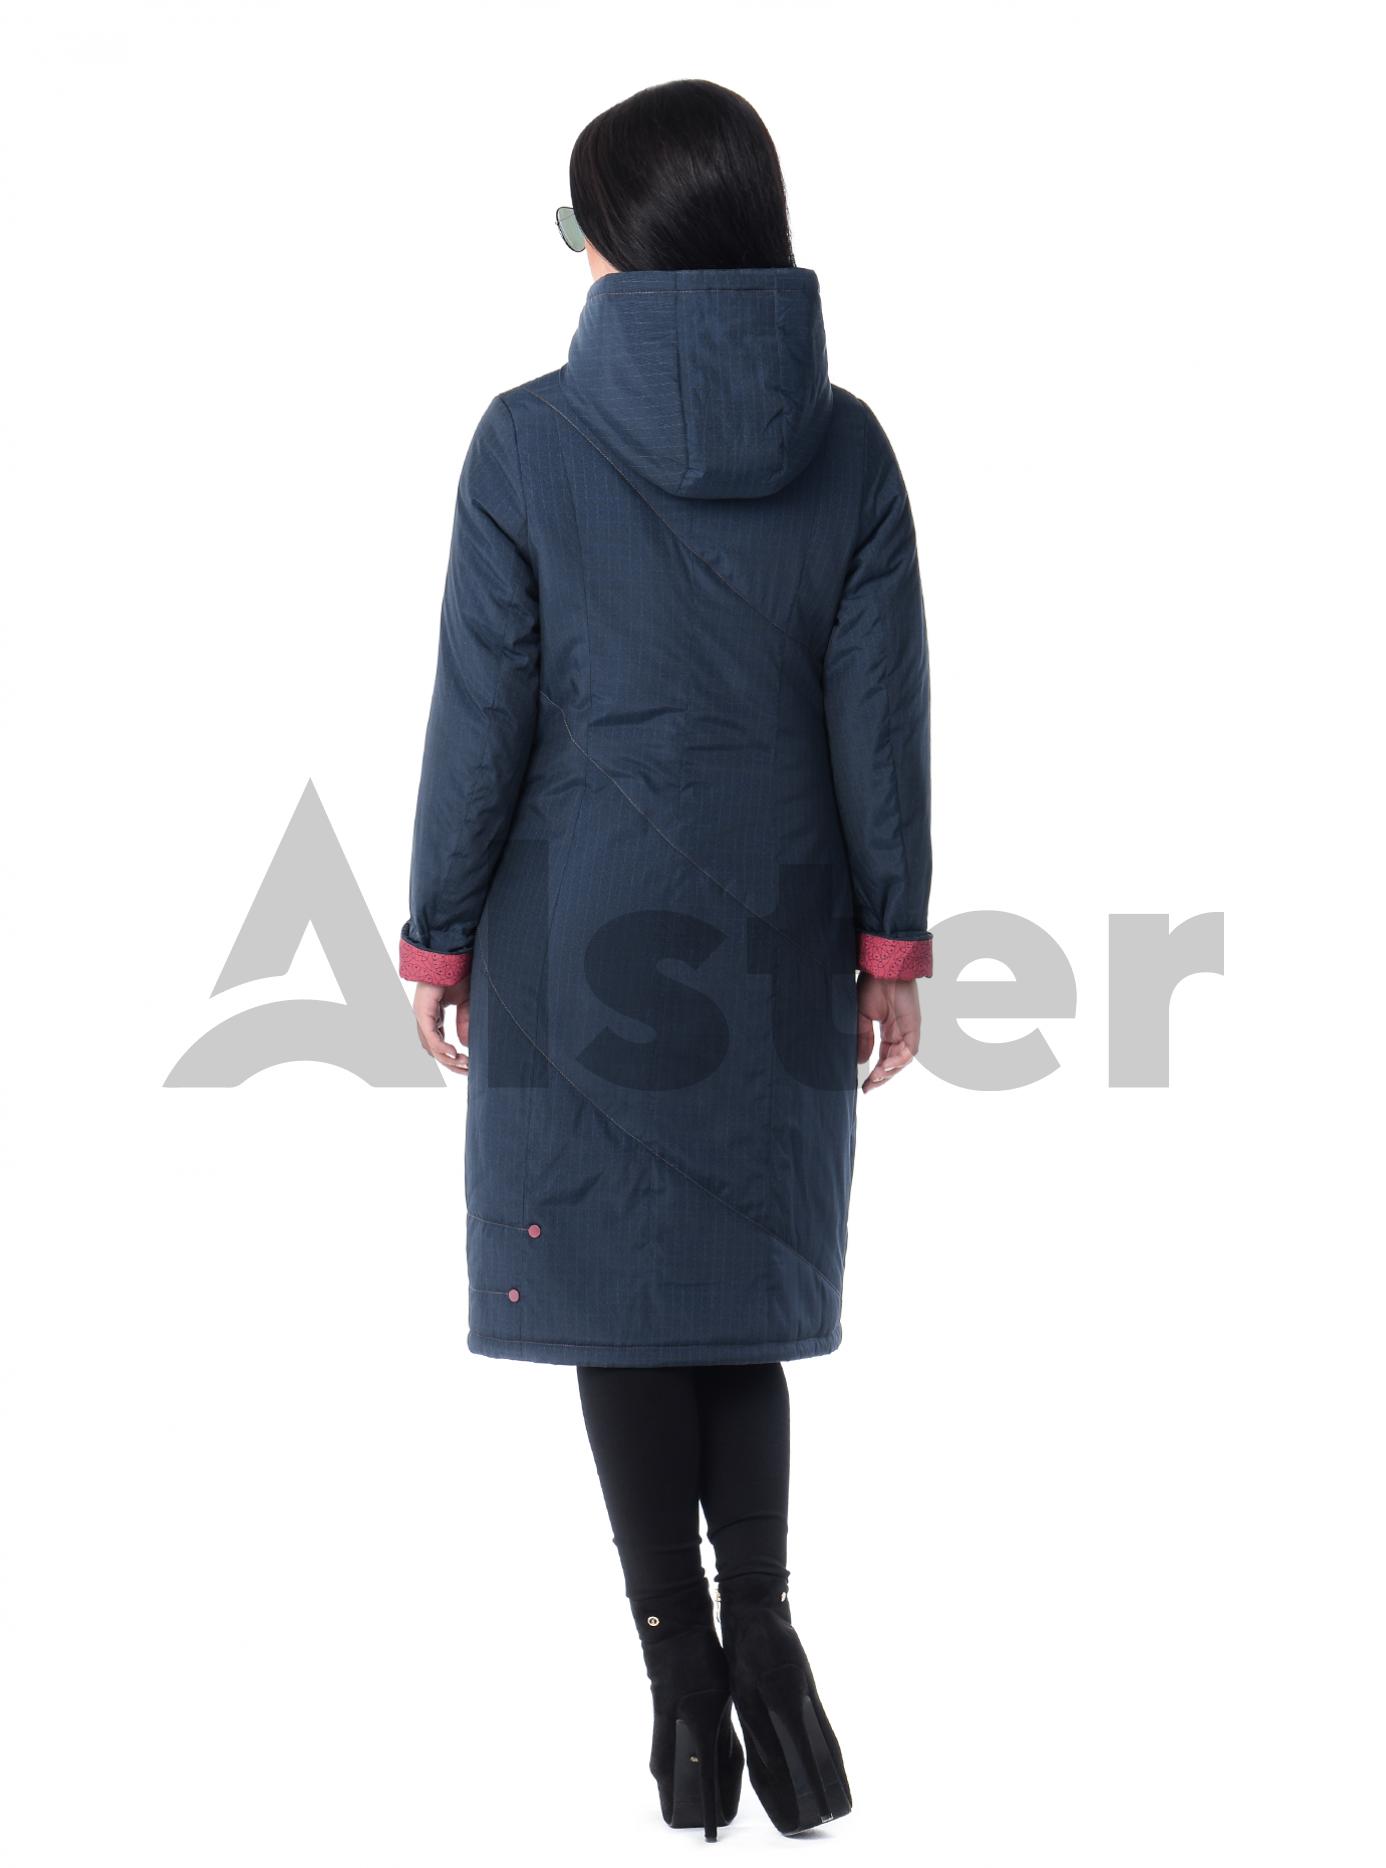 Плащ демисезонный длинный приталенный Тёмно-синий 4XL (03-P19034): фото - Alster.ua